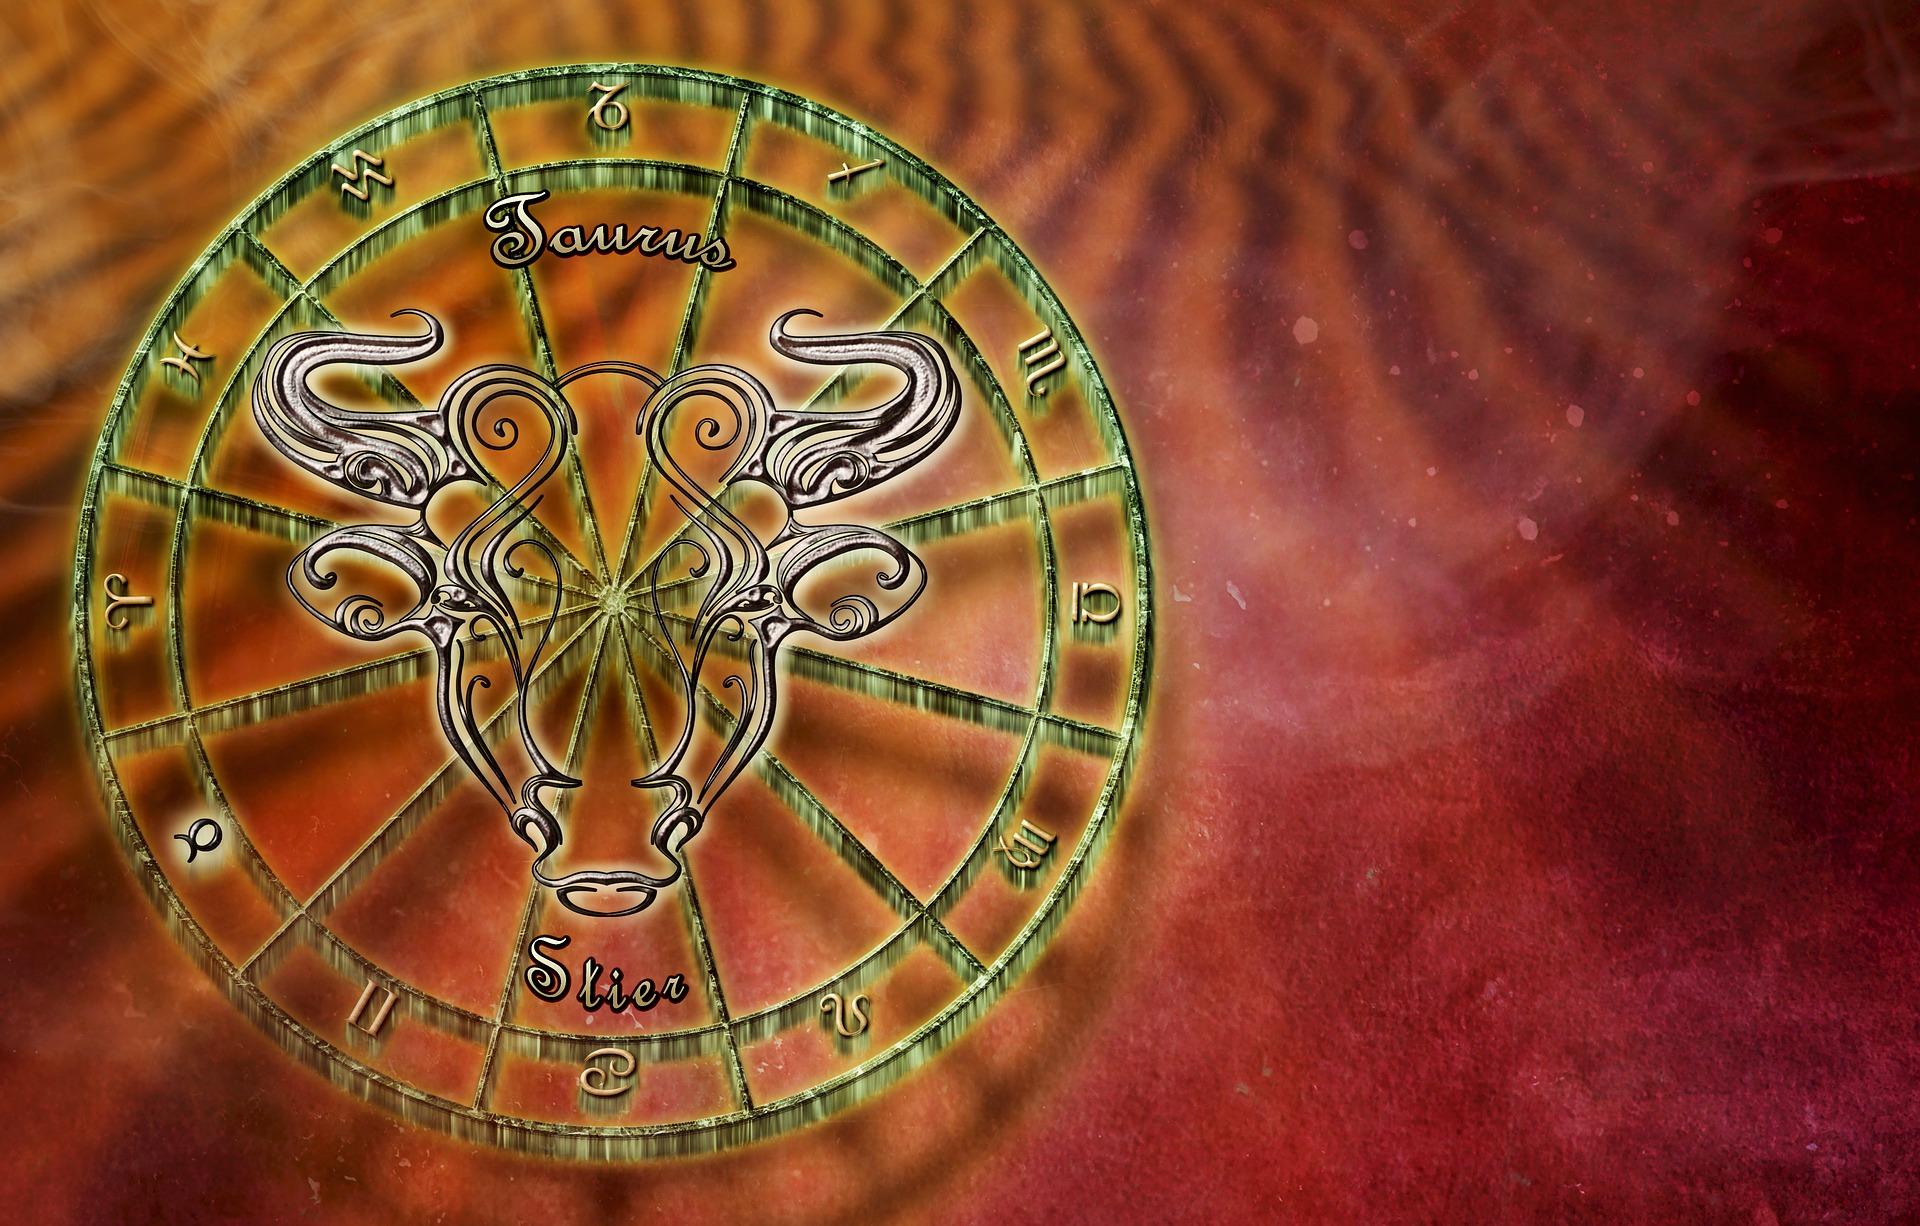 Taur zodia